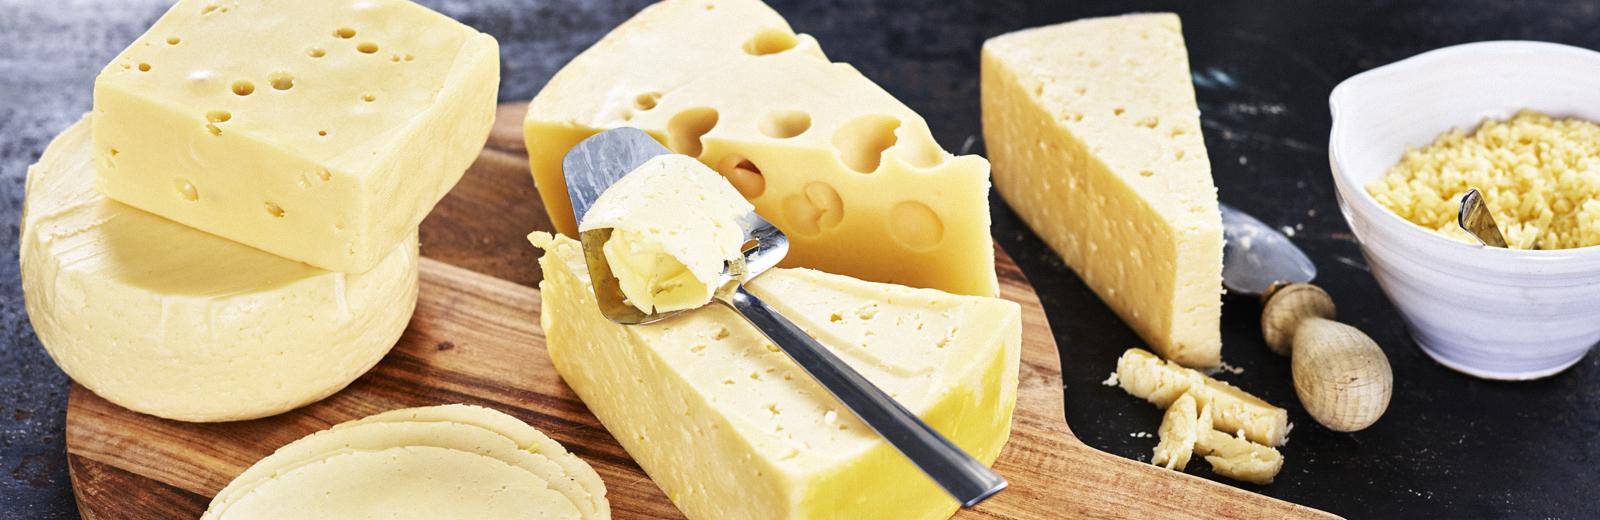 svensk ost